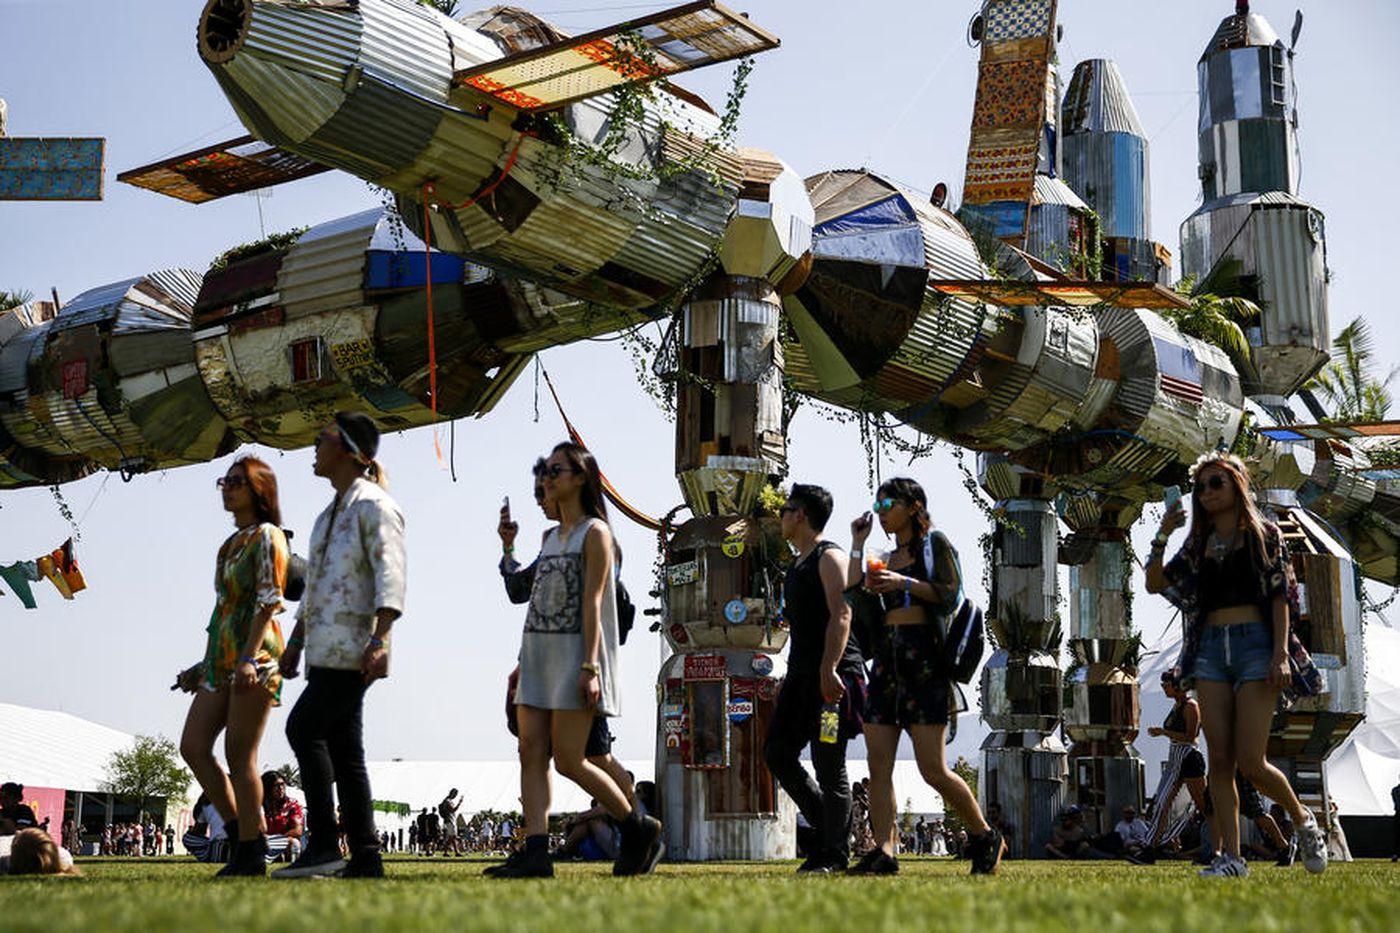 Статьи  Названы самые обсуждаемые инсталляции фестиваля Coachella